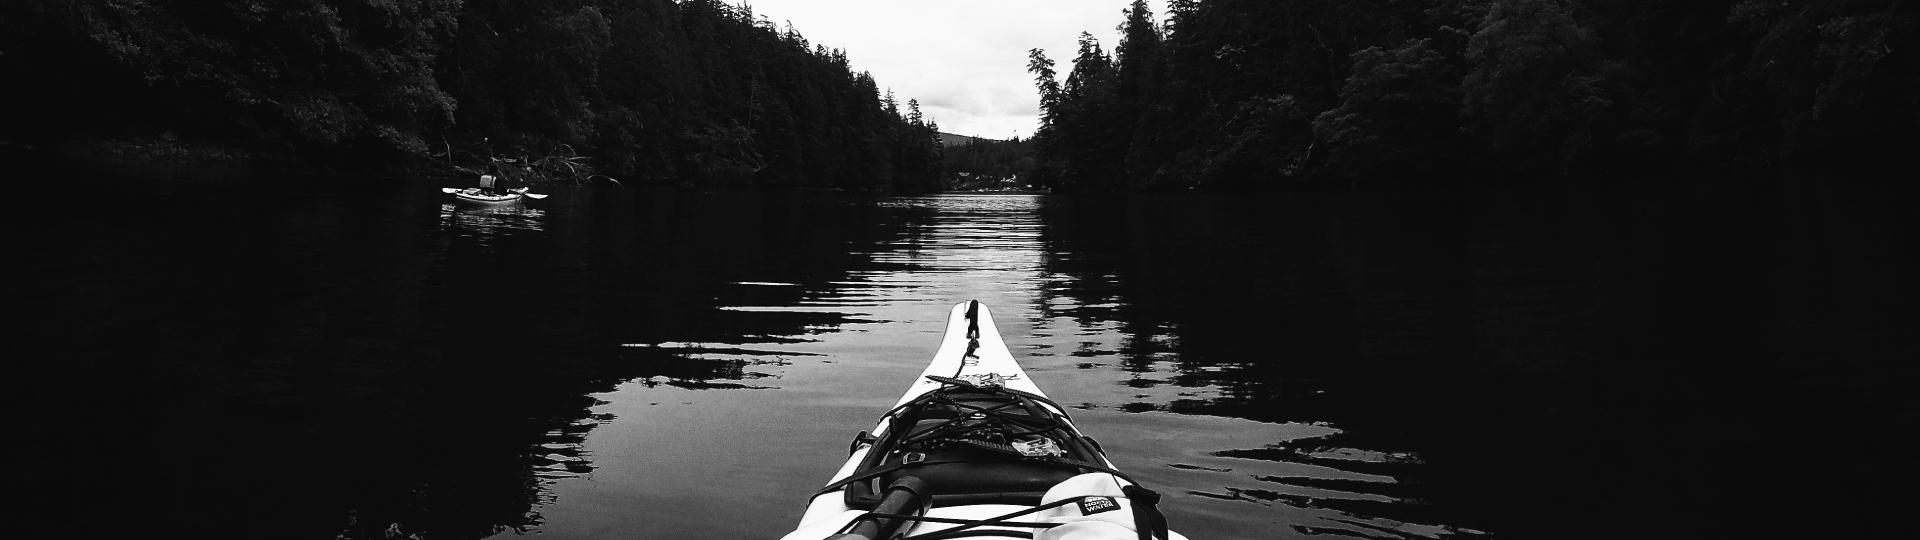 「冒険と挑戦、それ即ち人生」